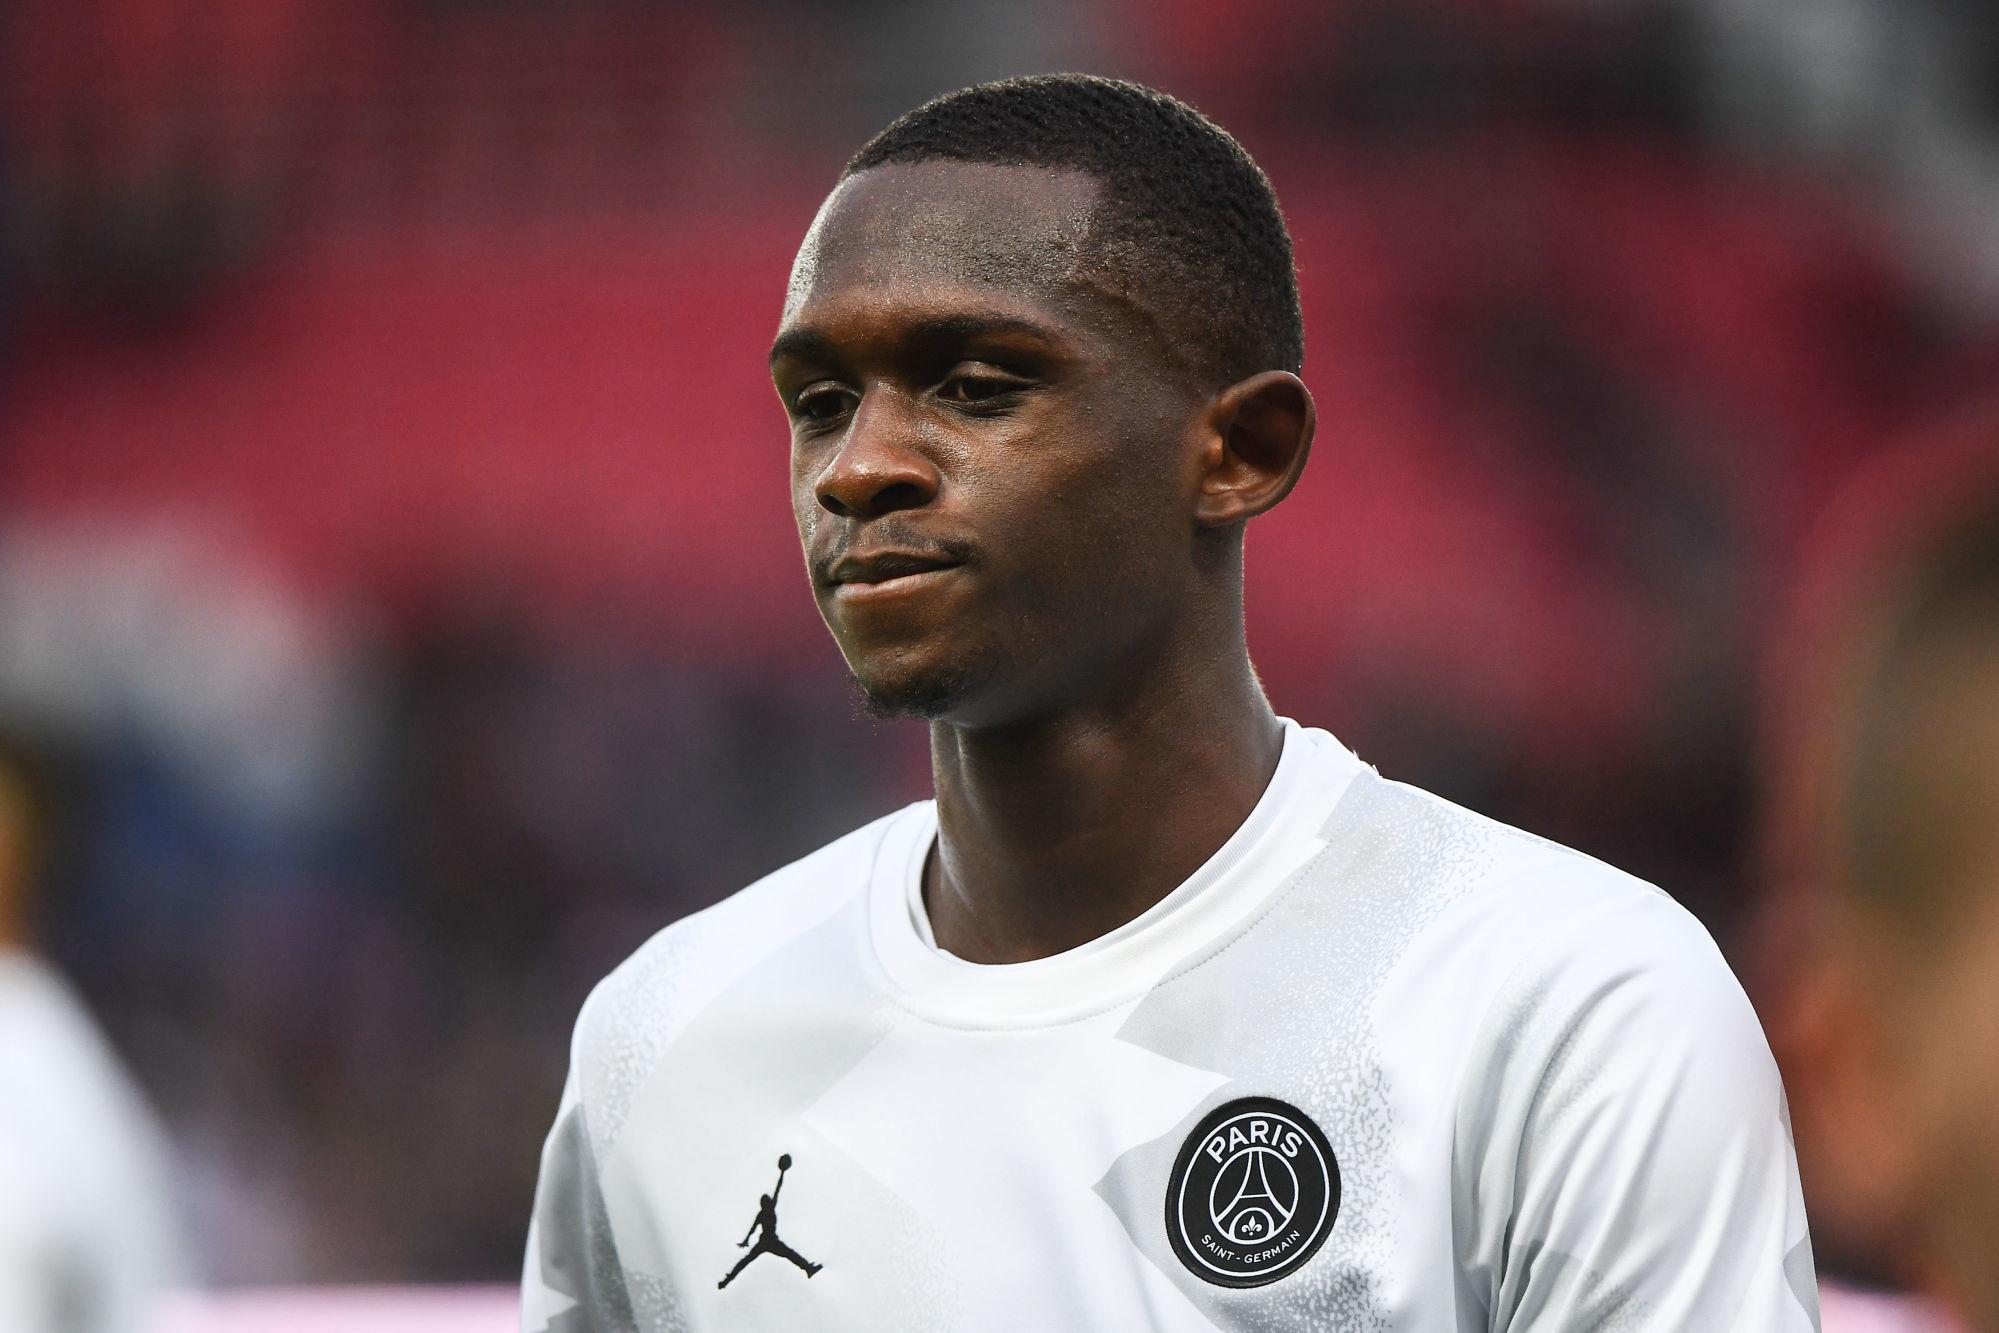 Mercato - Kouassi a changé d'avis et va quitter le PSG, confirme Le Parisien